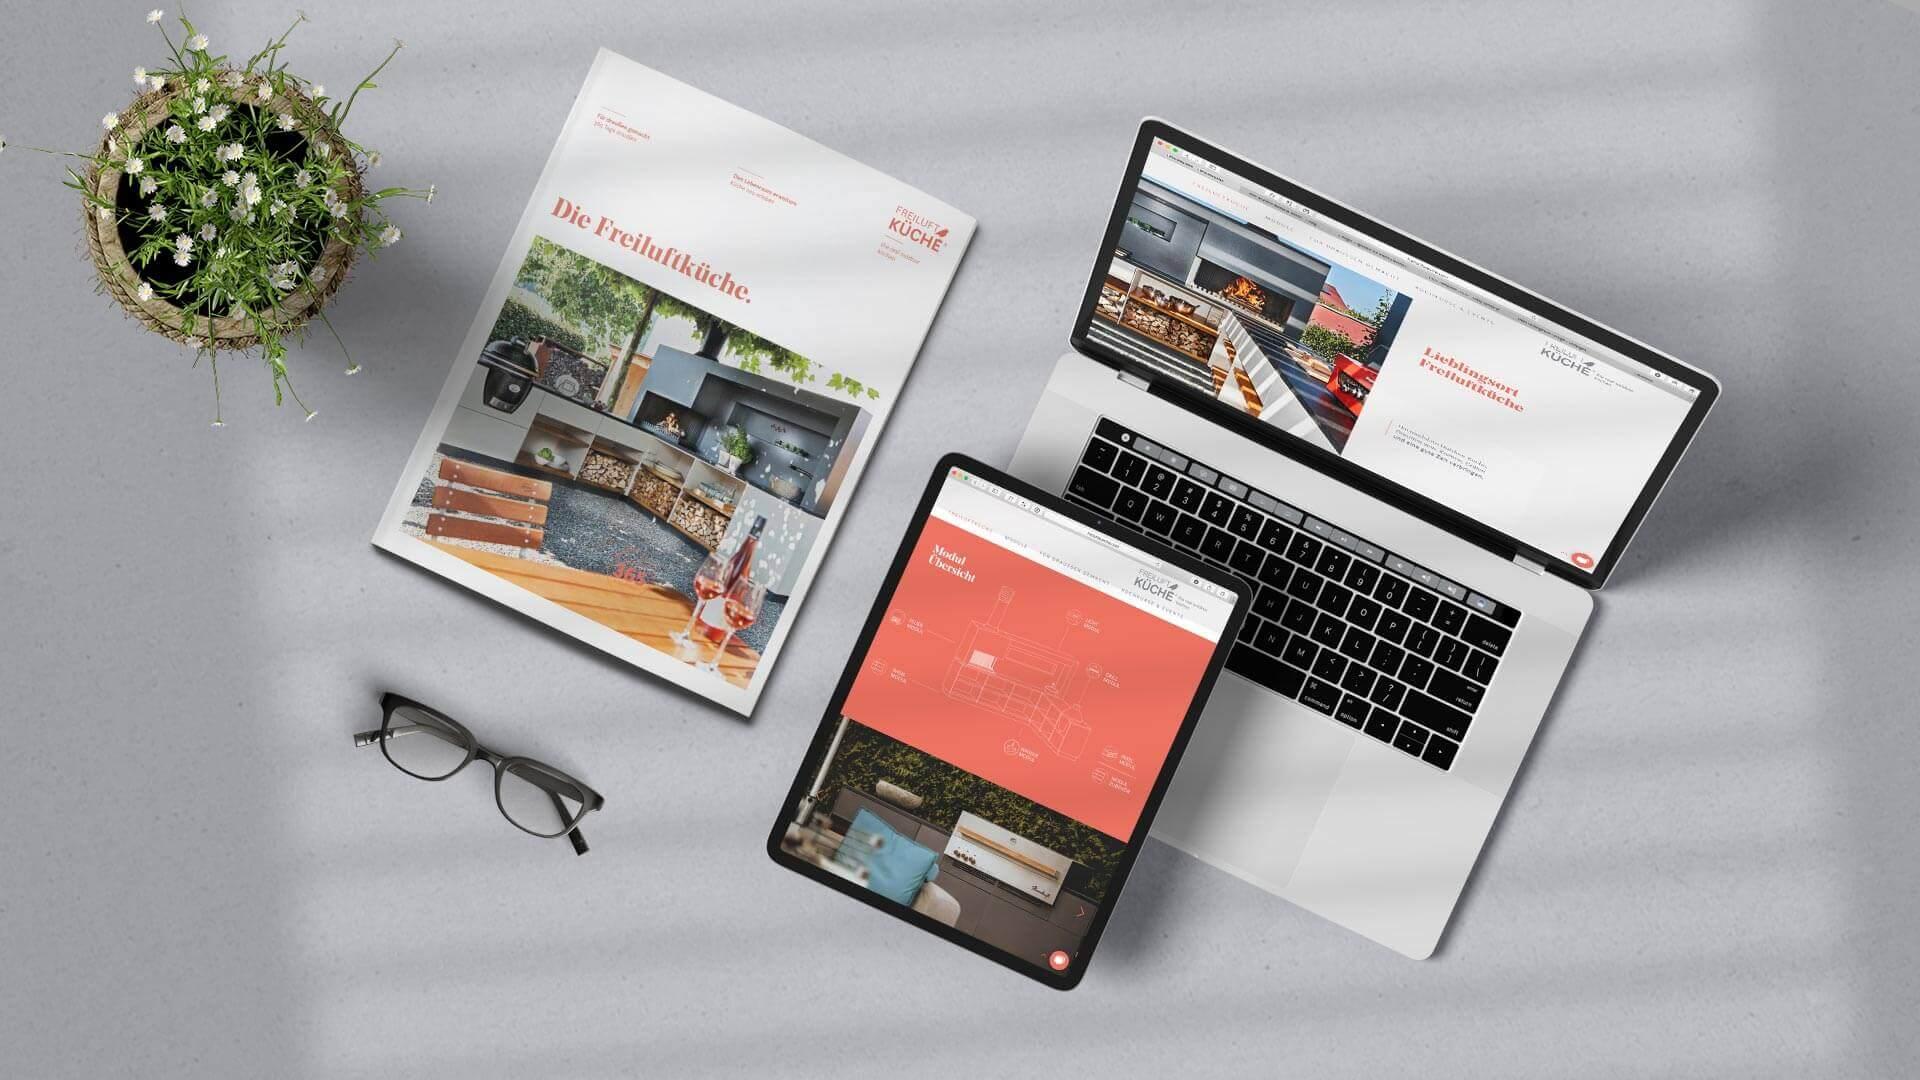 Freiluftküche Website